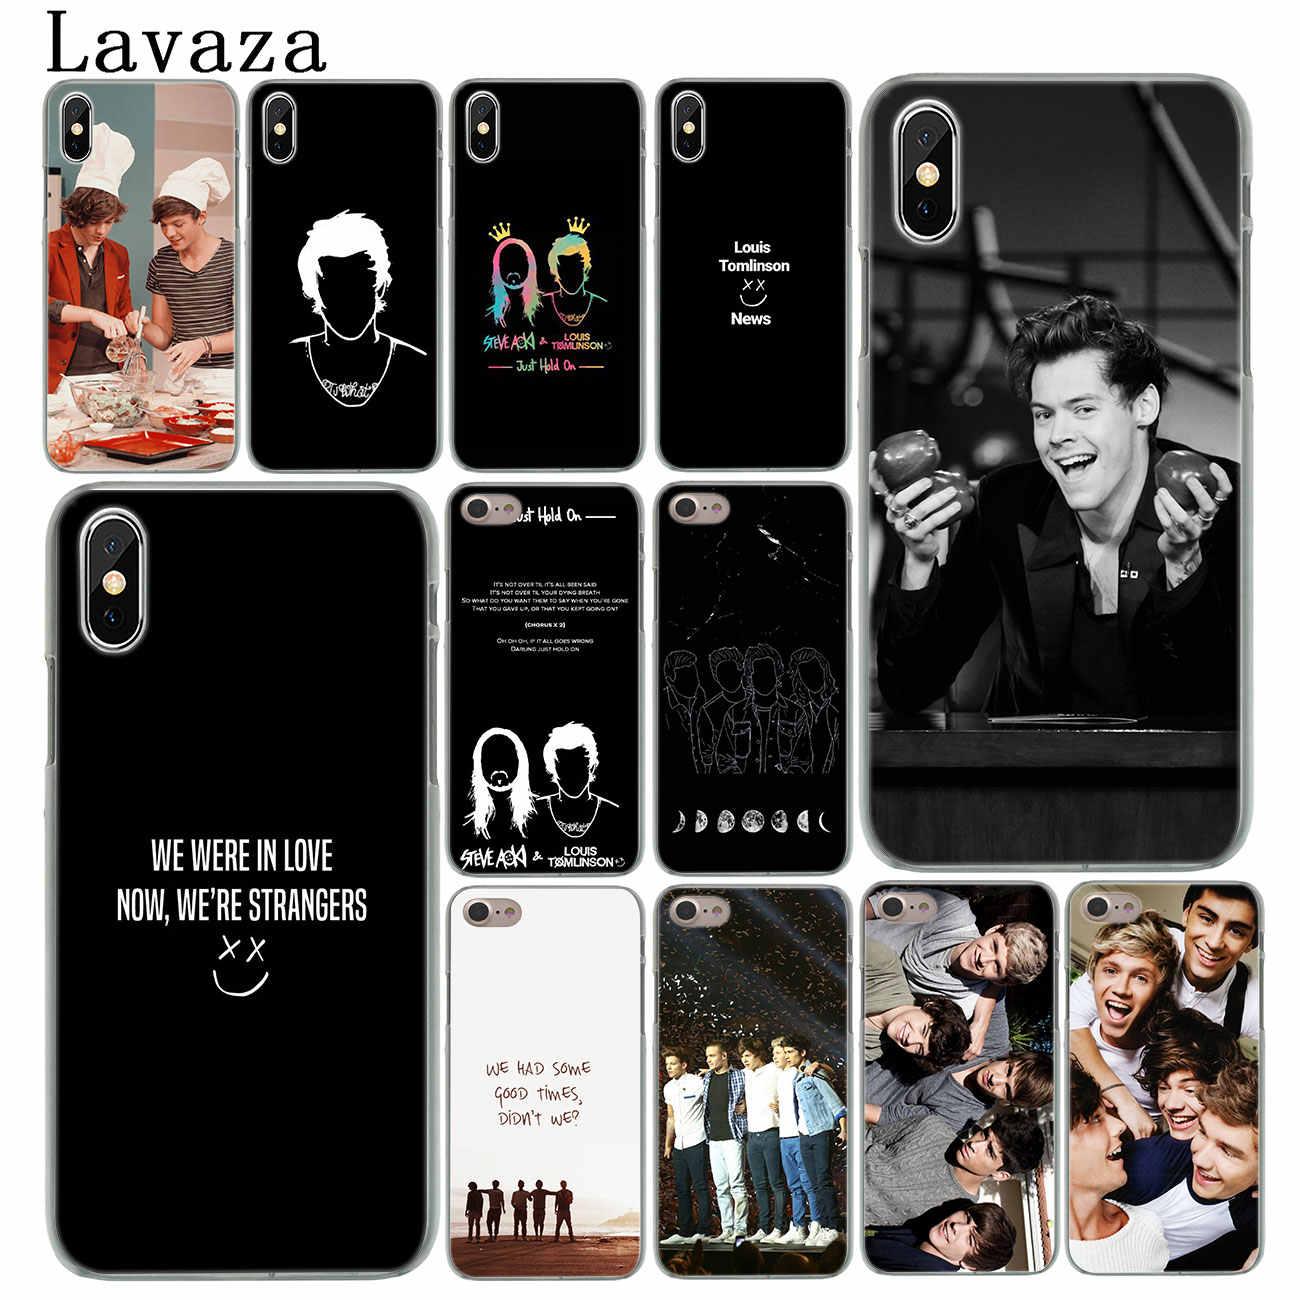 Lavaza – coque de téléphone rigide Louis Tomlinson, One Direction, étui pour iPhone XR X 11 Pro XS Max 8 7 6 6S 5 5s SE 4s 4 10